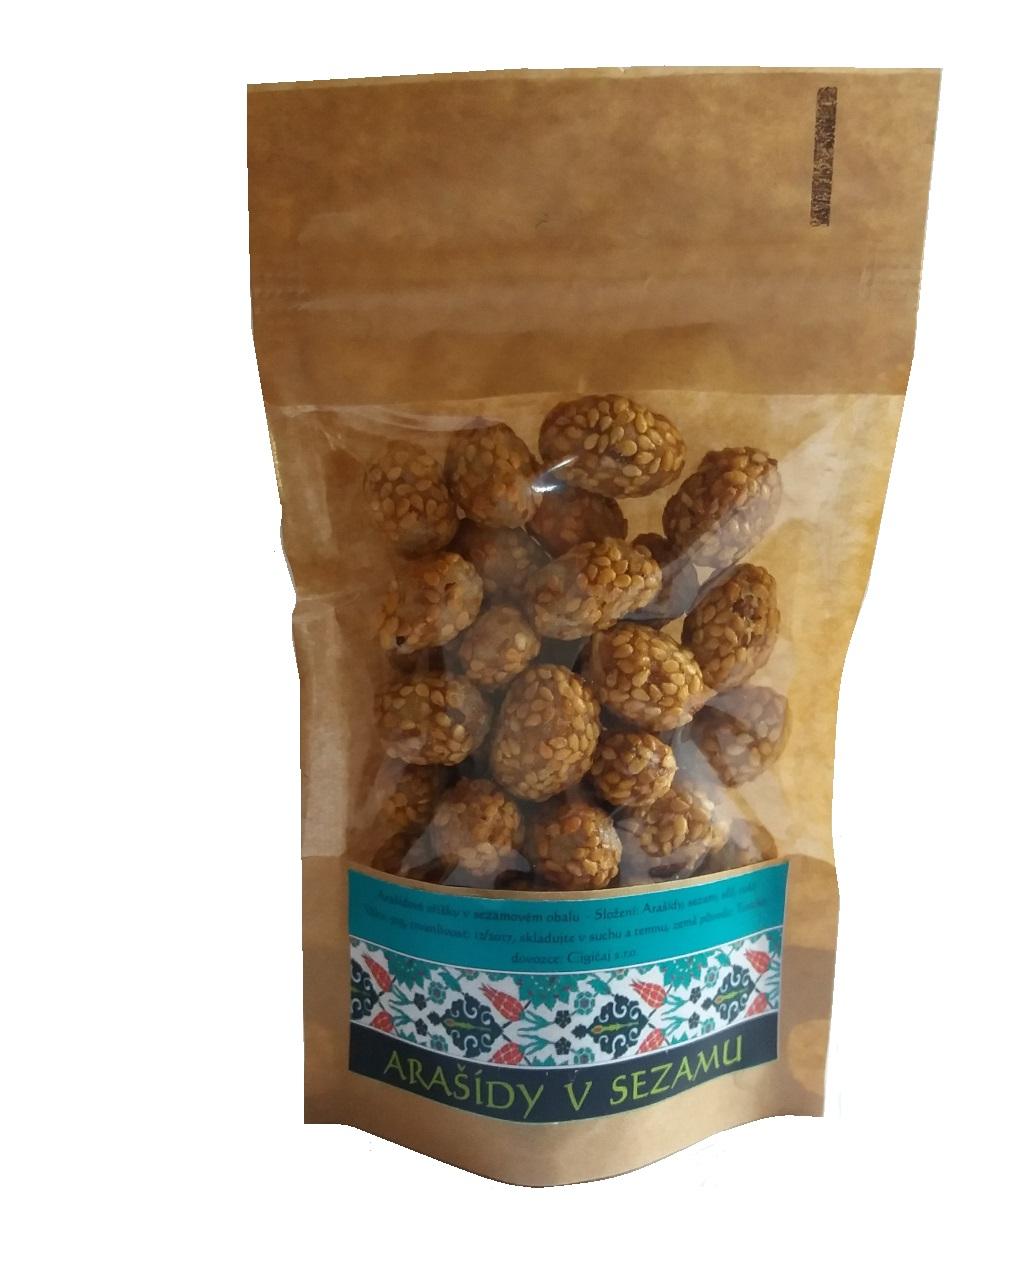 Arašídy v sezamu 50g